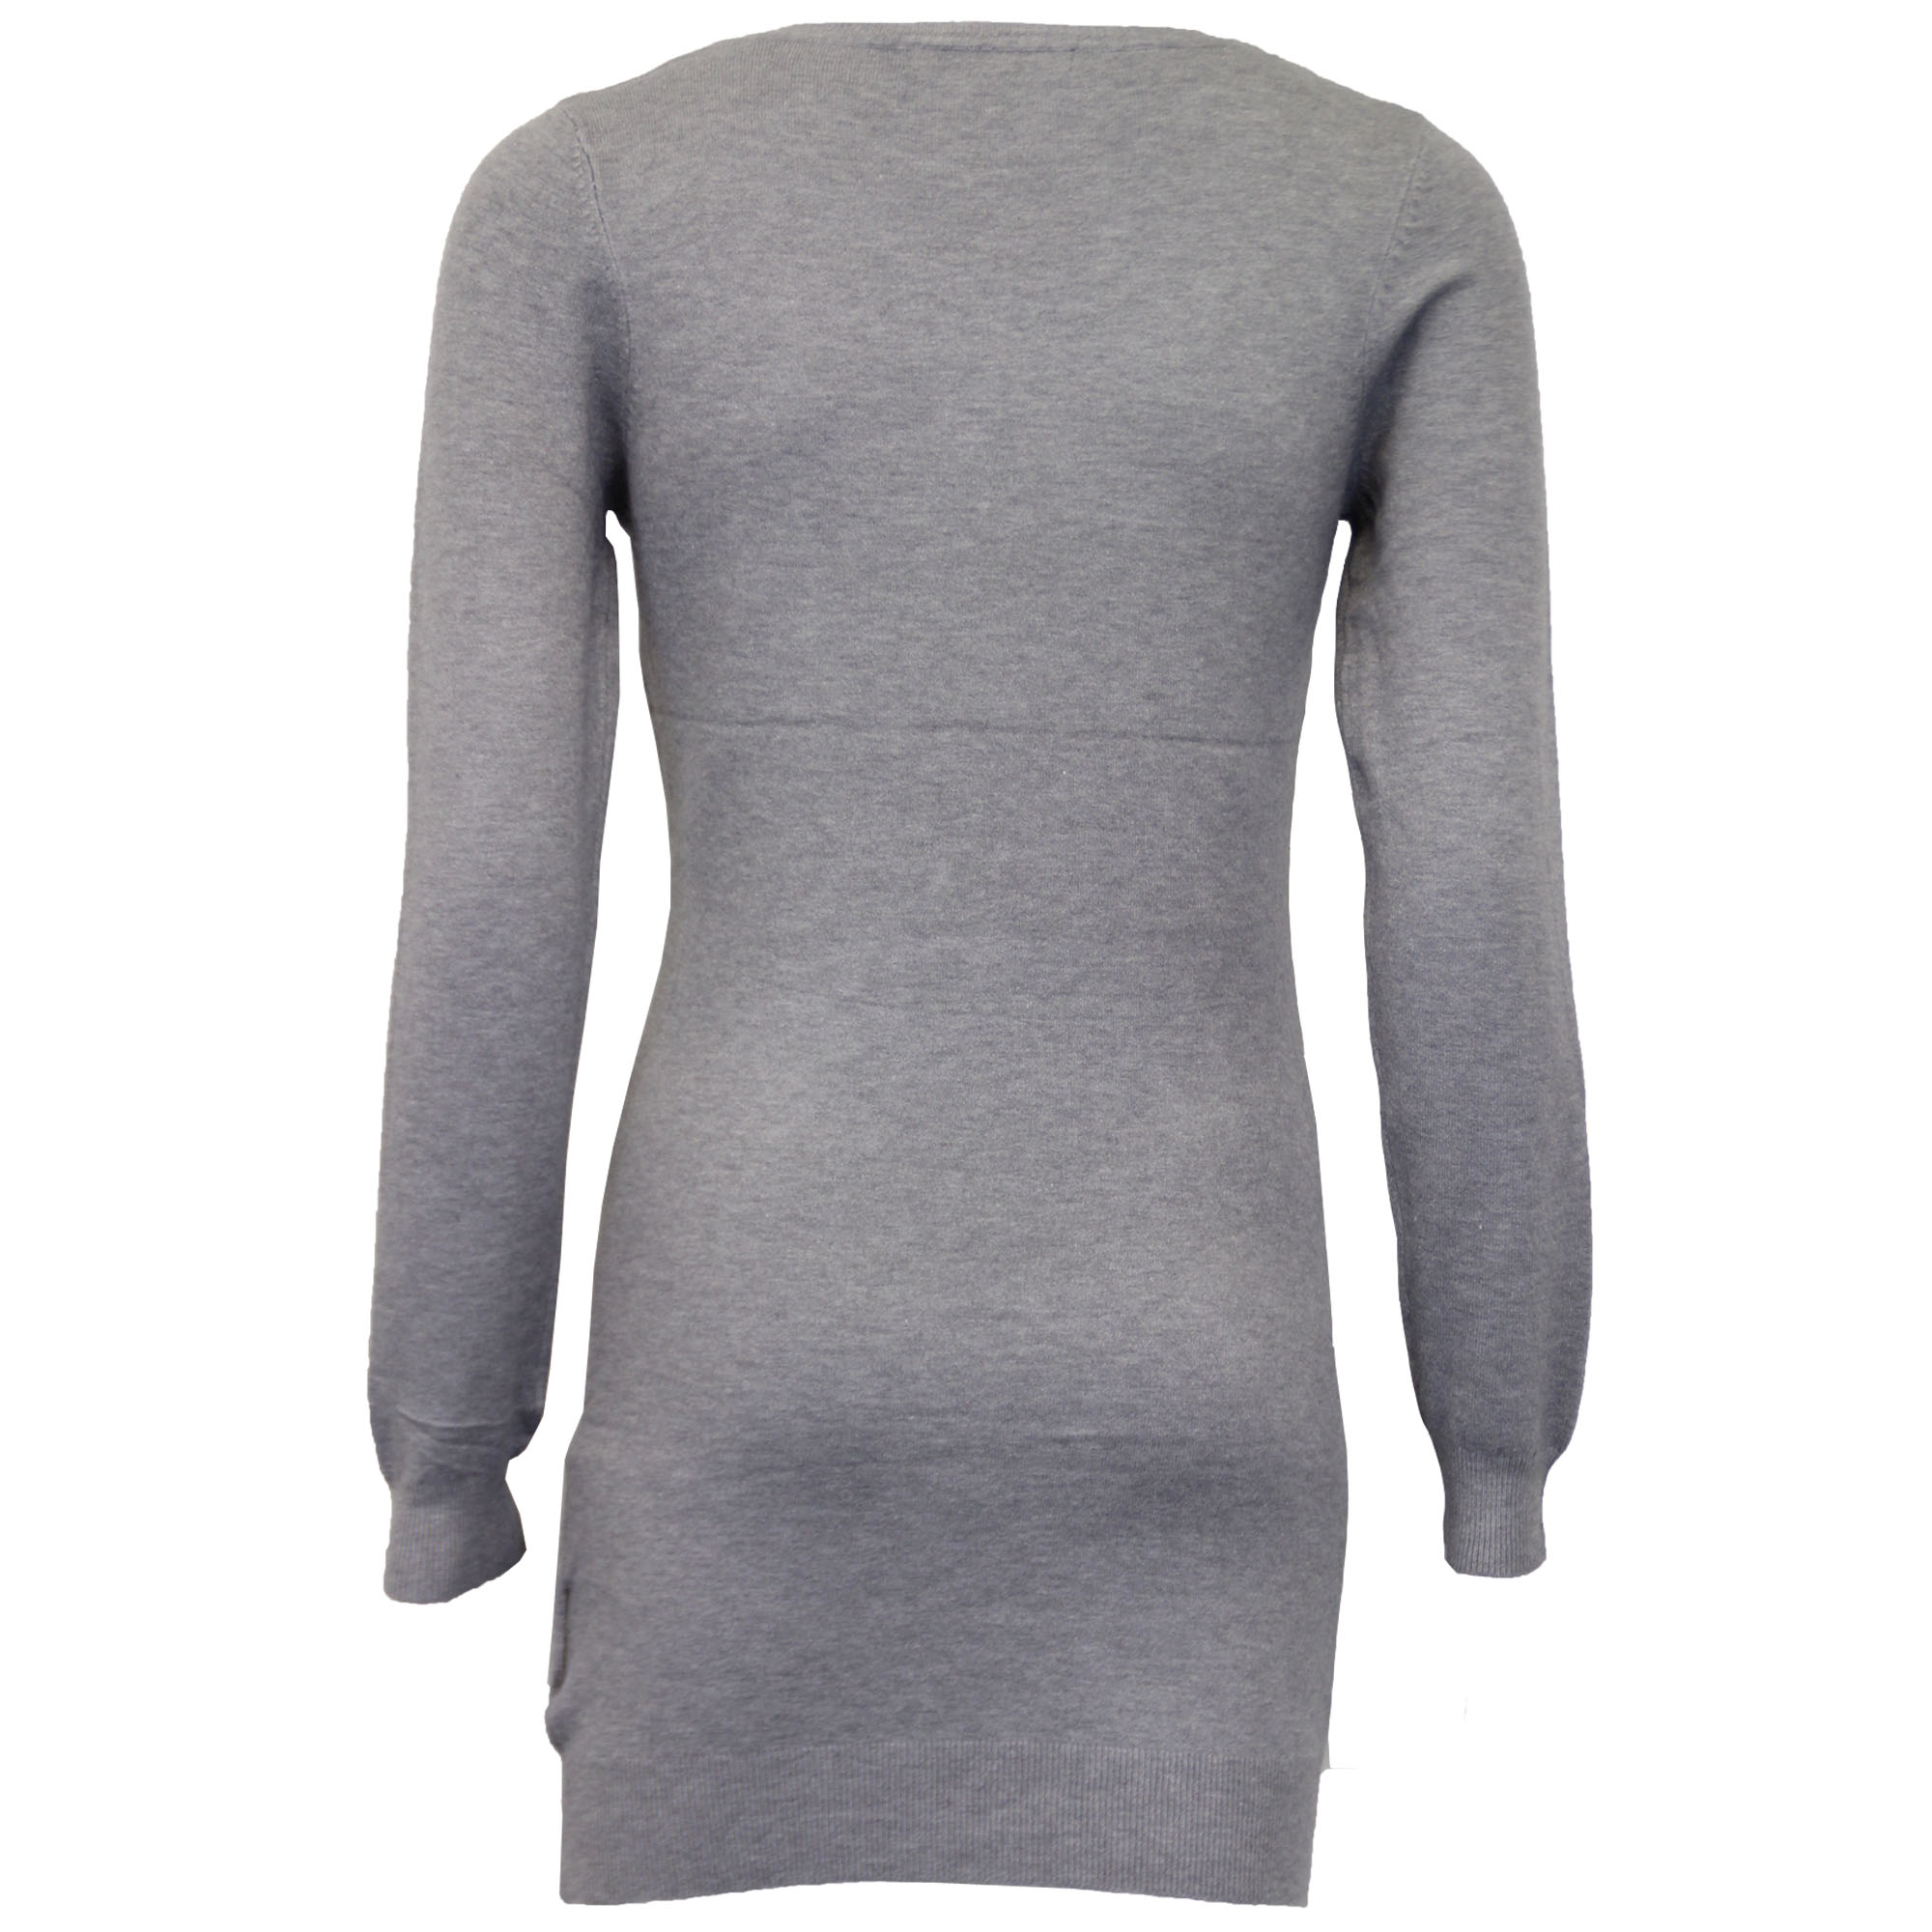 Damen-Xmas-Lang-Pullover-Damen-Kleid-Weihnachten-Glitzernde-Pailletten-Neuheit-Party-NEU Indexbild 6